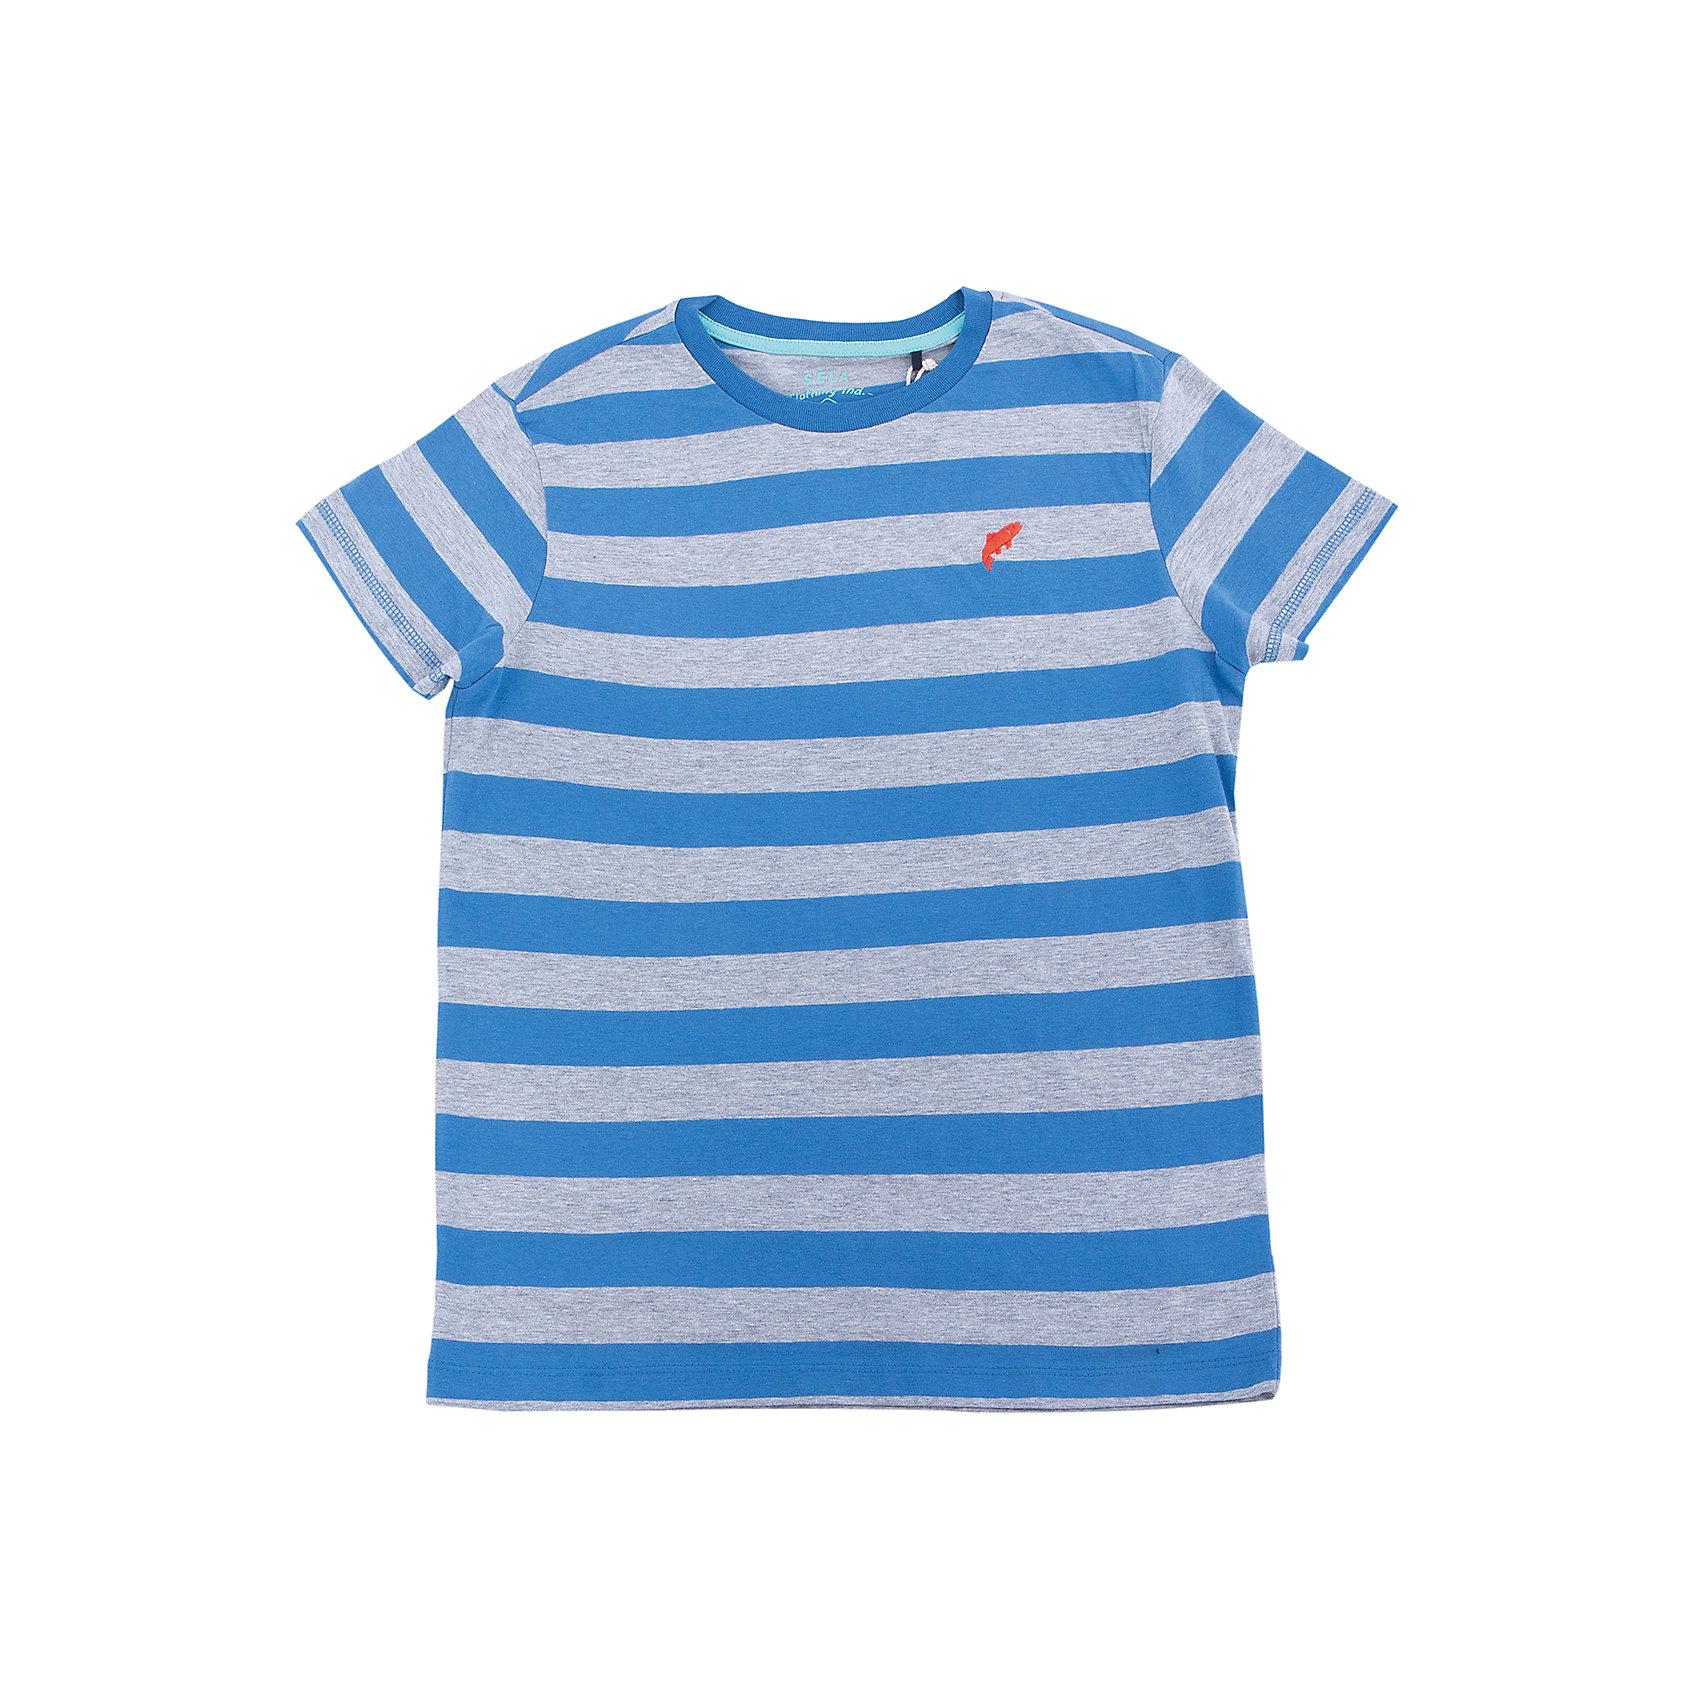 Футболка для мальчика SELAФутболки, поло и топы<br>Характеристики товара:<br><br>• цвет: индиго в полоску<br>• сезон: лето<br>• рукава короткие<br>• округлый горловой вырез<br>• страна бренда: Россия<br><br>Вещи из новой коллекции SELA продолжают радовать удобством! Эта футболка для мальчика поможет разнообразить гардероб ребенка и обеспечить комфорт. Она отлично сочетается с шортами и брюками. Стильная и удобная вещь!<br><br>Футболку для мальчика от популярного бренда SELA (СЕЛА) можно купить в нашем интернет-магазине.<br><br>Ширина мм: 230<br>Глубина мм: 40<br>Высота мм: 220<br>Вес г: 250<br>Цвет: синий<br>Возраст от месяцев: 108<br>Возраст до месяцев: 120<br>Пол: Мужской<br>Возраст: Детский<br>Размер: 140,146,152,122,128,134<br>SKU: 5304116